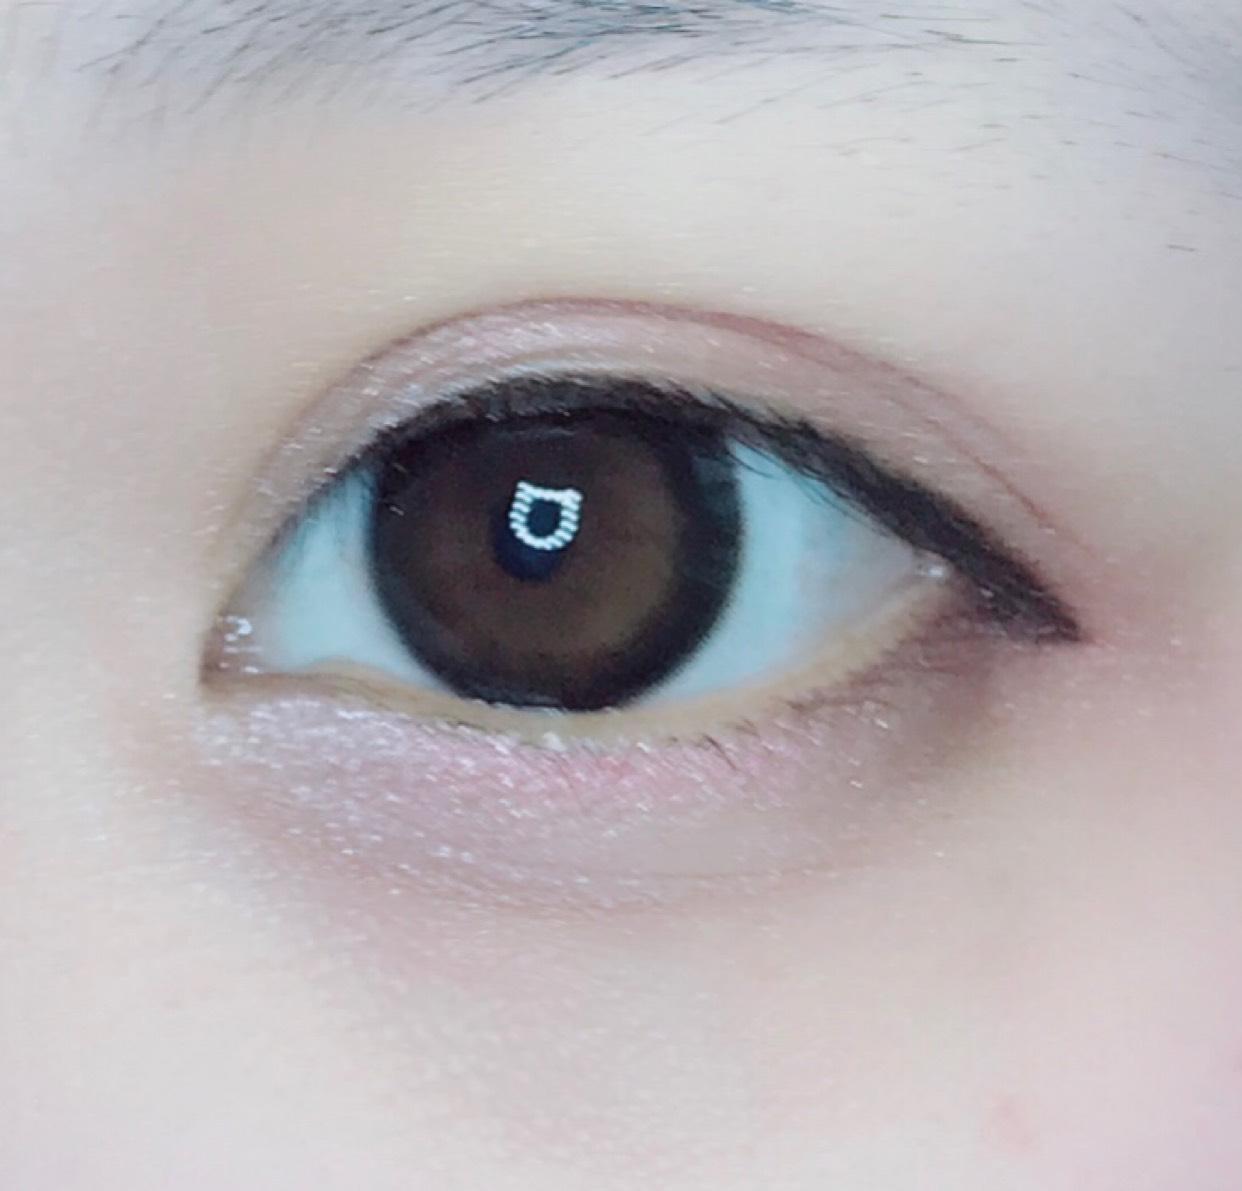 涙袋全体に薄ピンク色を入れ、黒目の下に濃いピンクをのせてぼかします。 涙袋の影は、100均の眉ライナーで描いて綿棒でぼかしてます。